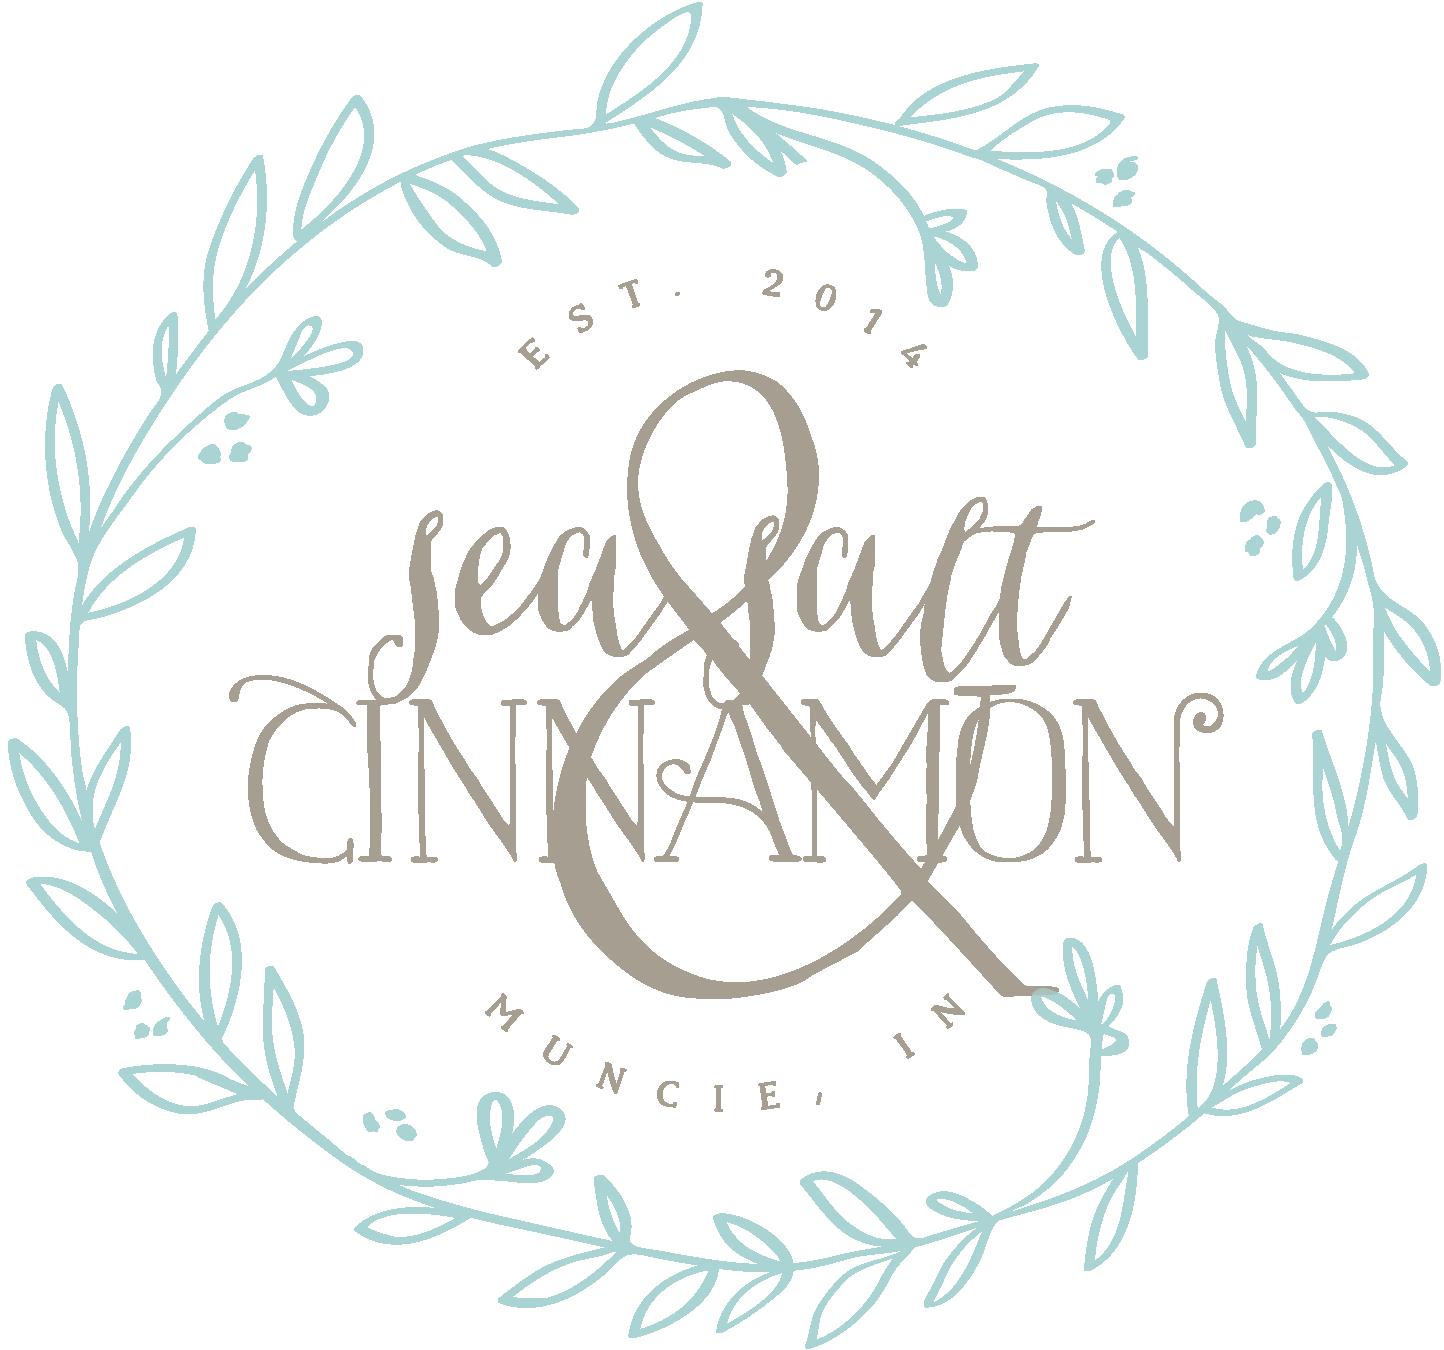 Sea Salt & Cinnamon